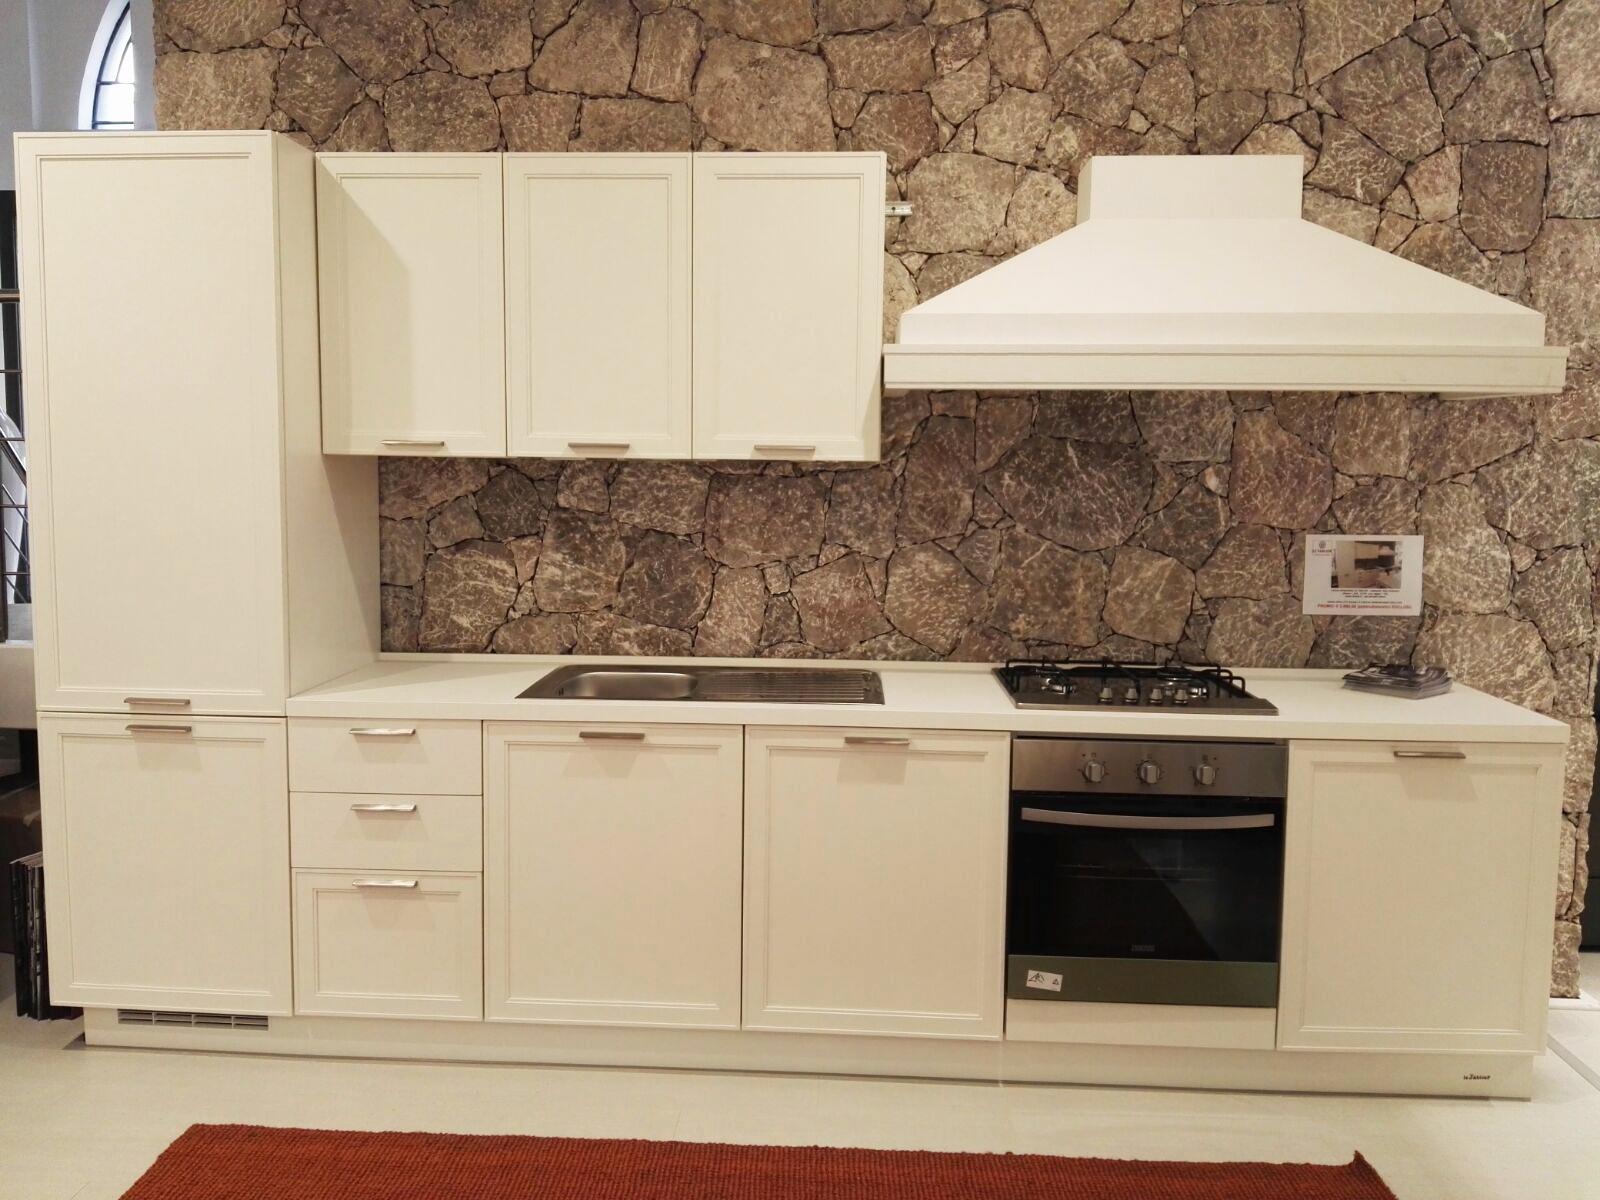 Cucina le fablier melograno moderna legno cucine a - Catalogo mobili le fablier ...